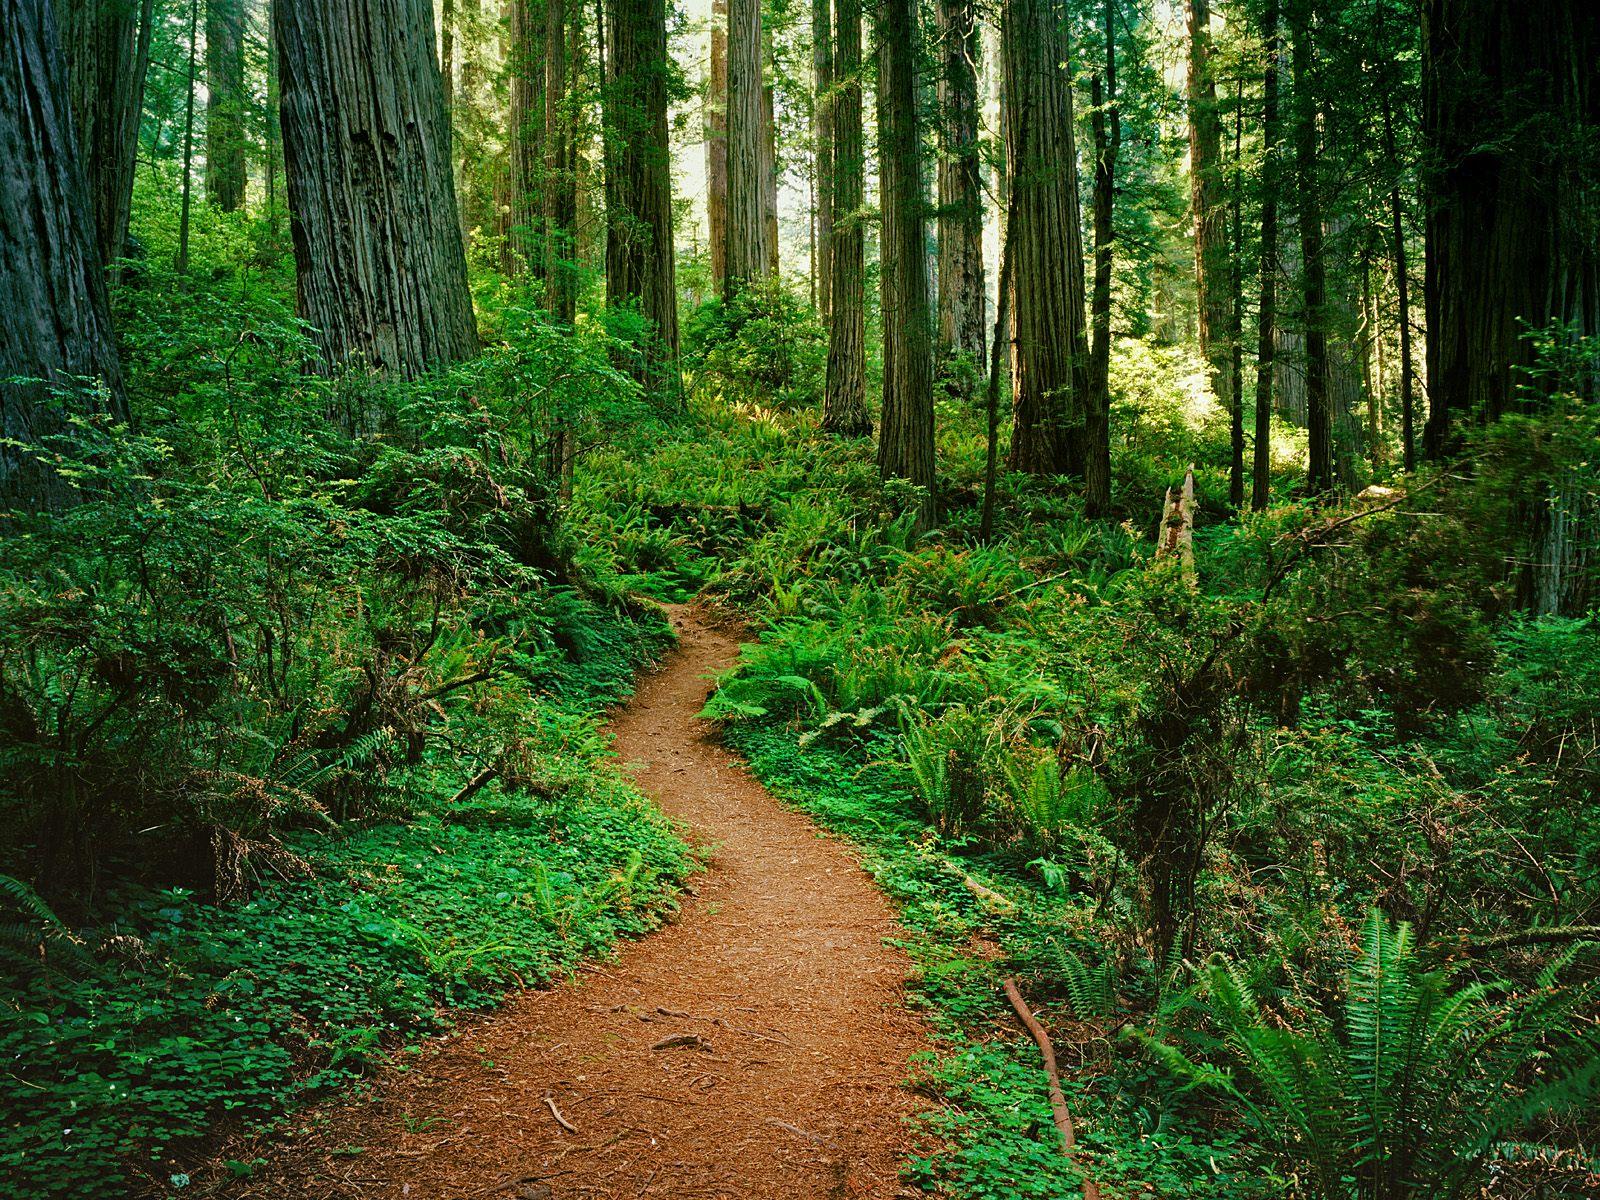 тропинка в зеленом лесу, скачать фото, обои на рабочий стол, зелень, трава, кусты